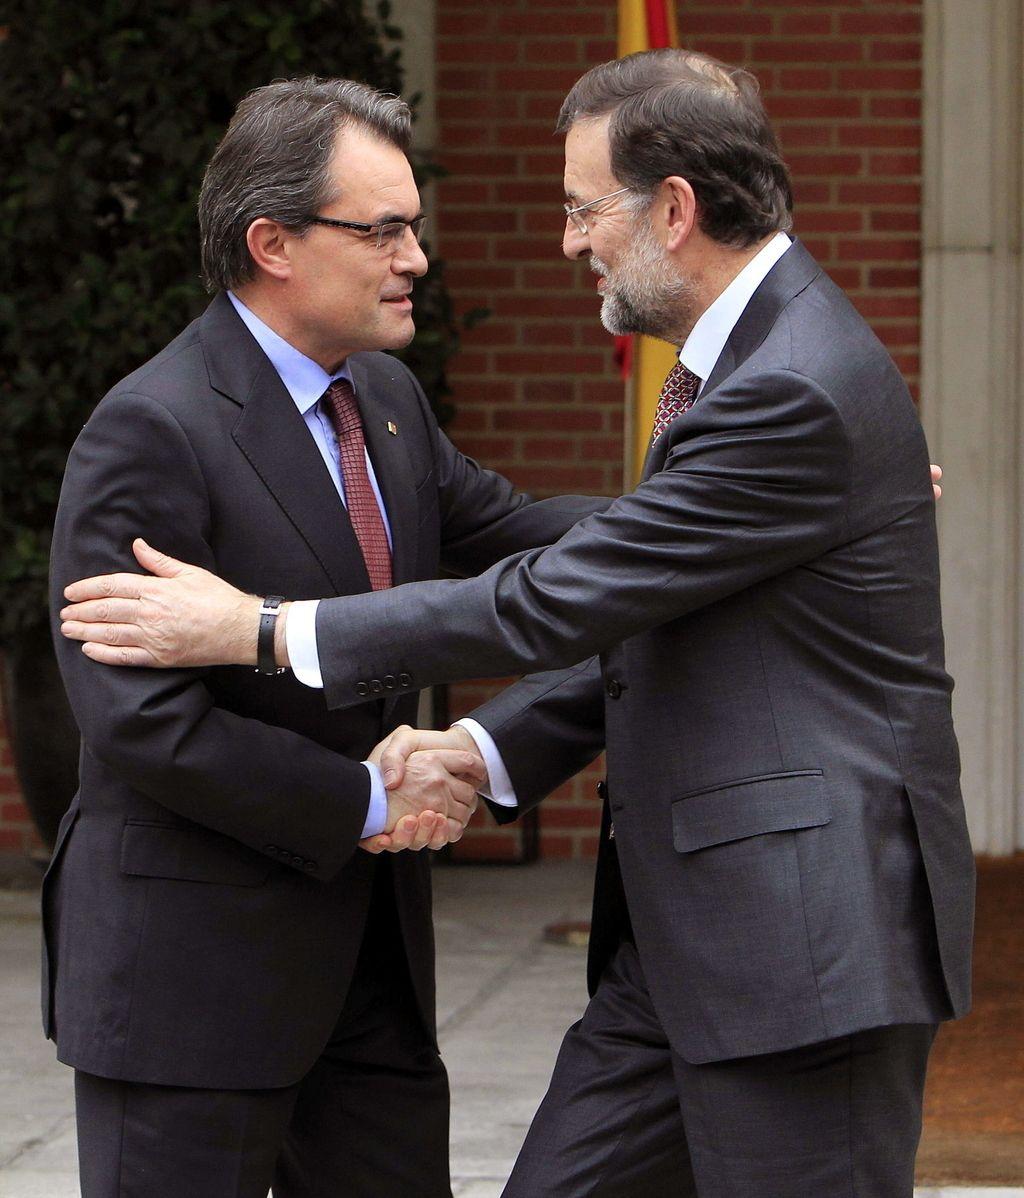 El presidente del Gobierno, Mariano Rajoy y el presidente de la Generalitat de Cataluña, Artur Mas, se saludan a la puerta del Palacio de La Moncloa